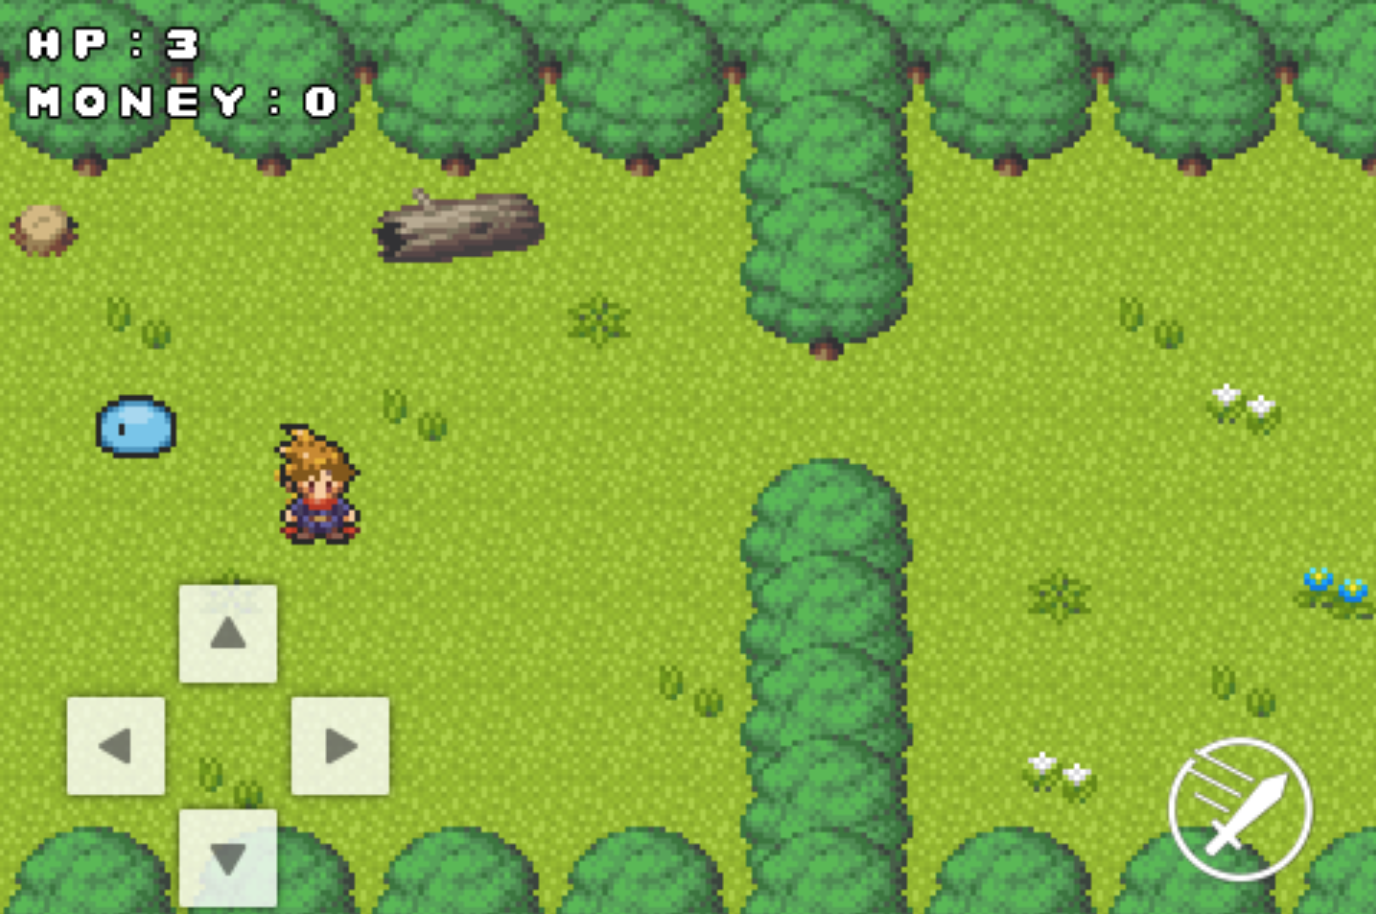 ゲームの背景が森になった